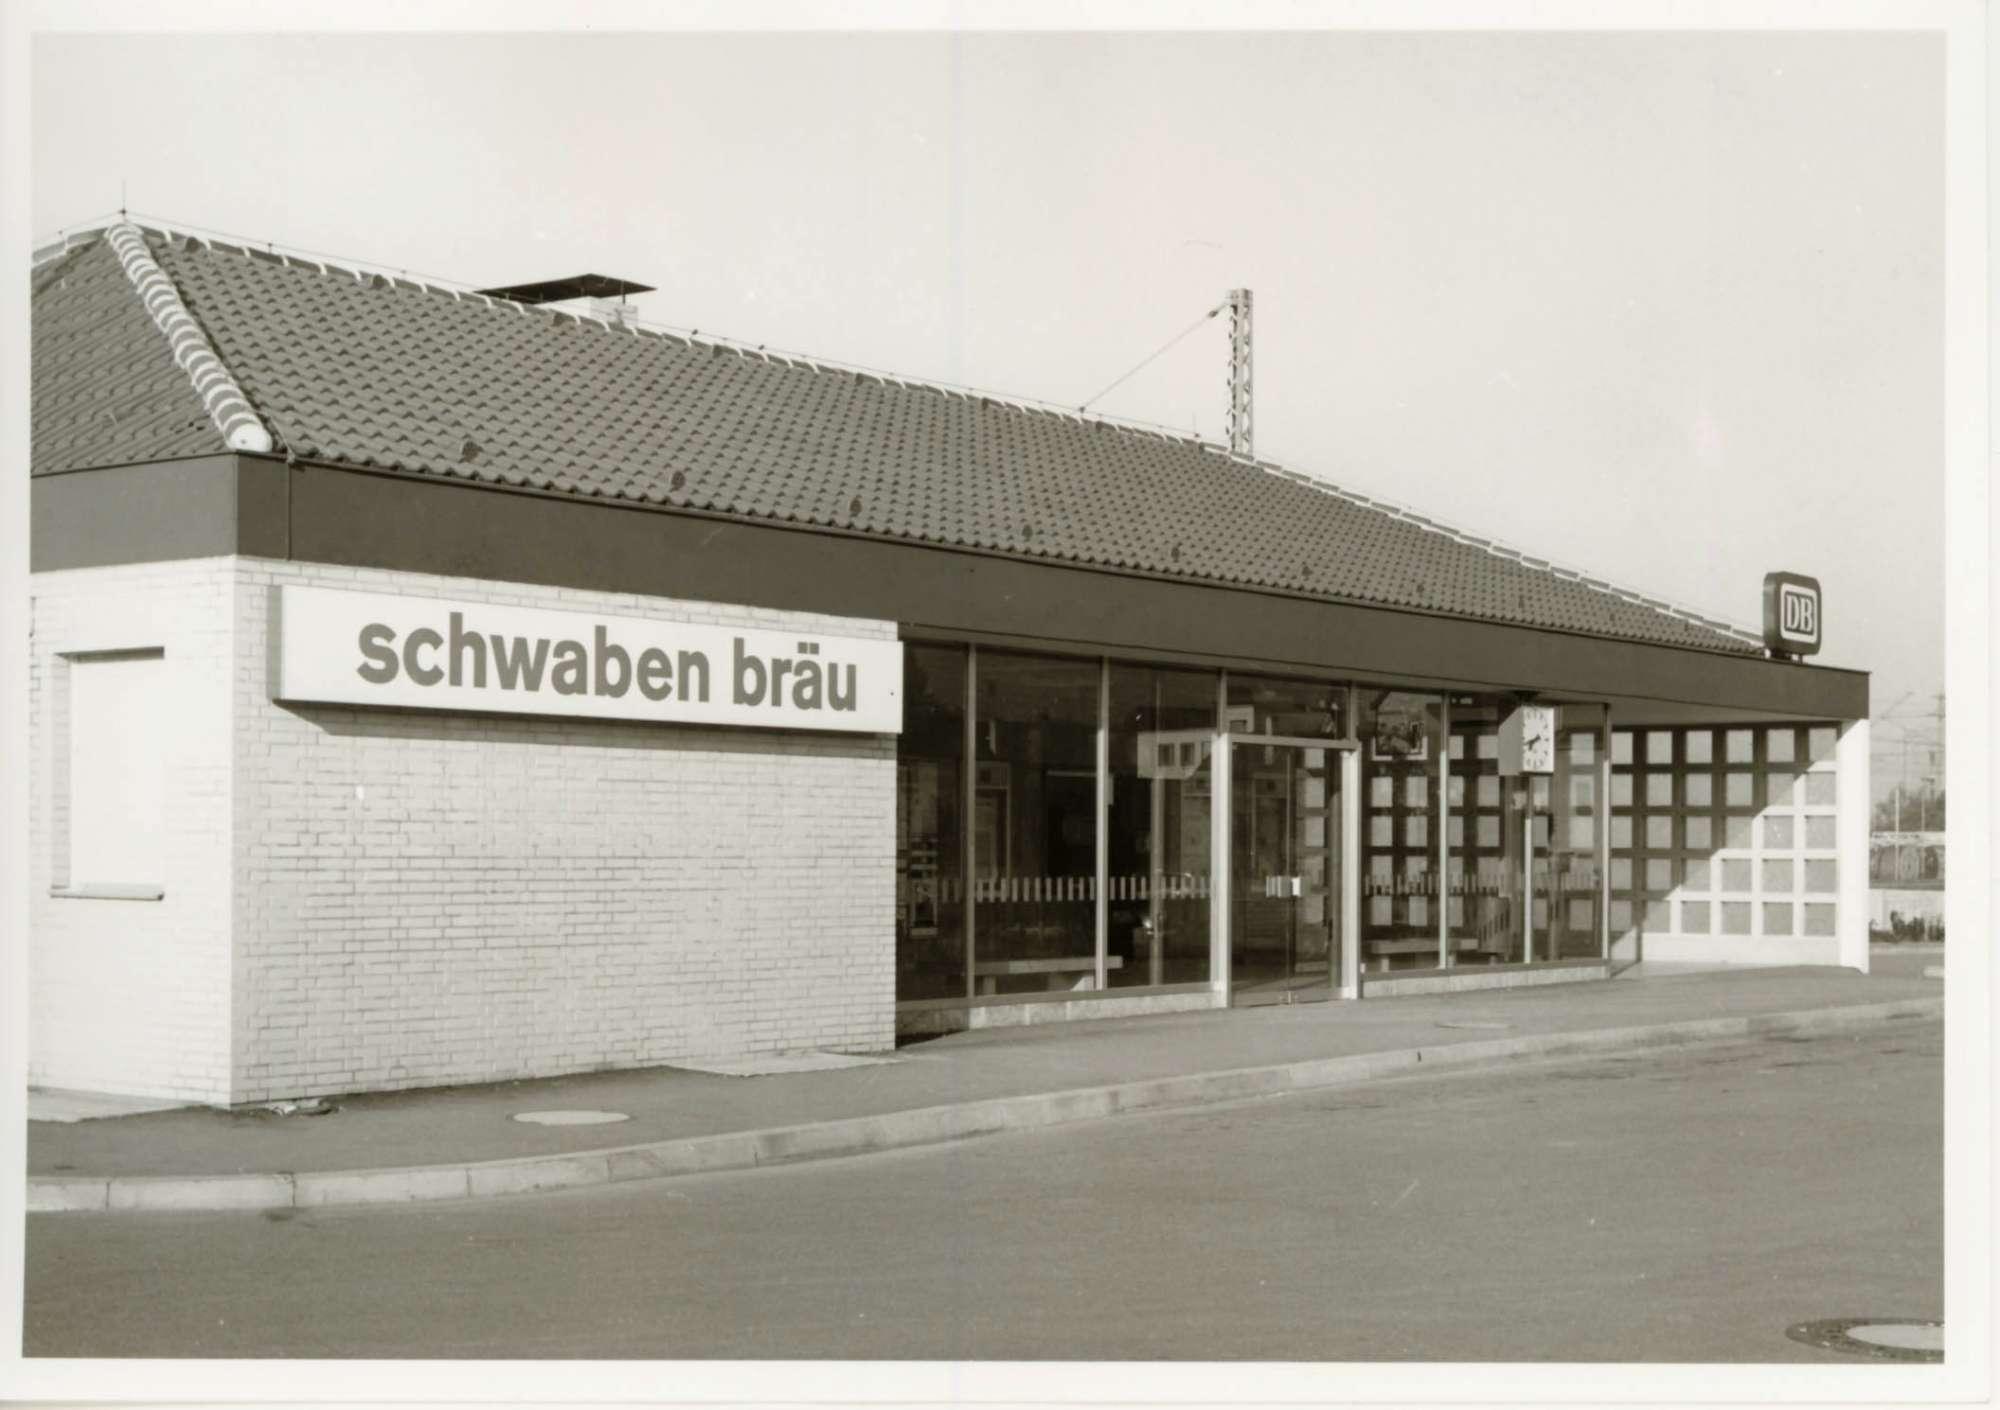 Zell am Neckar: 3 Fotos, Bild 3